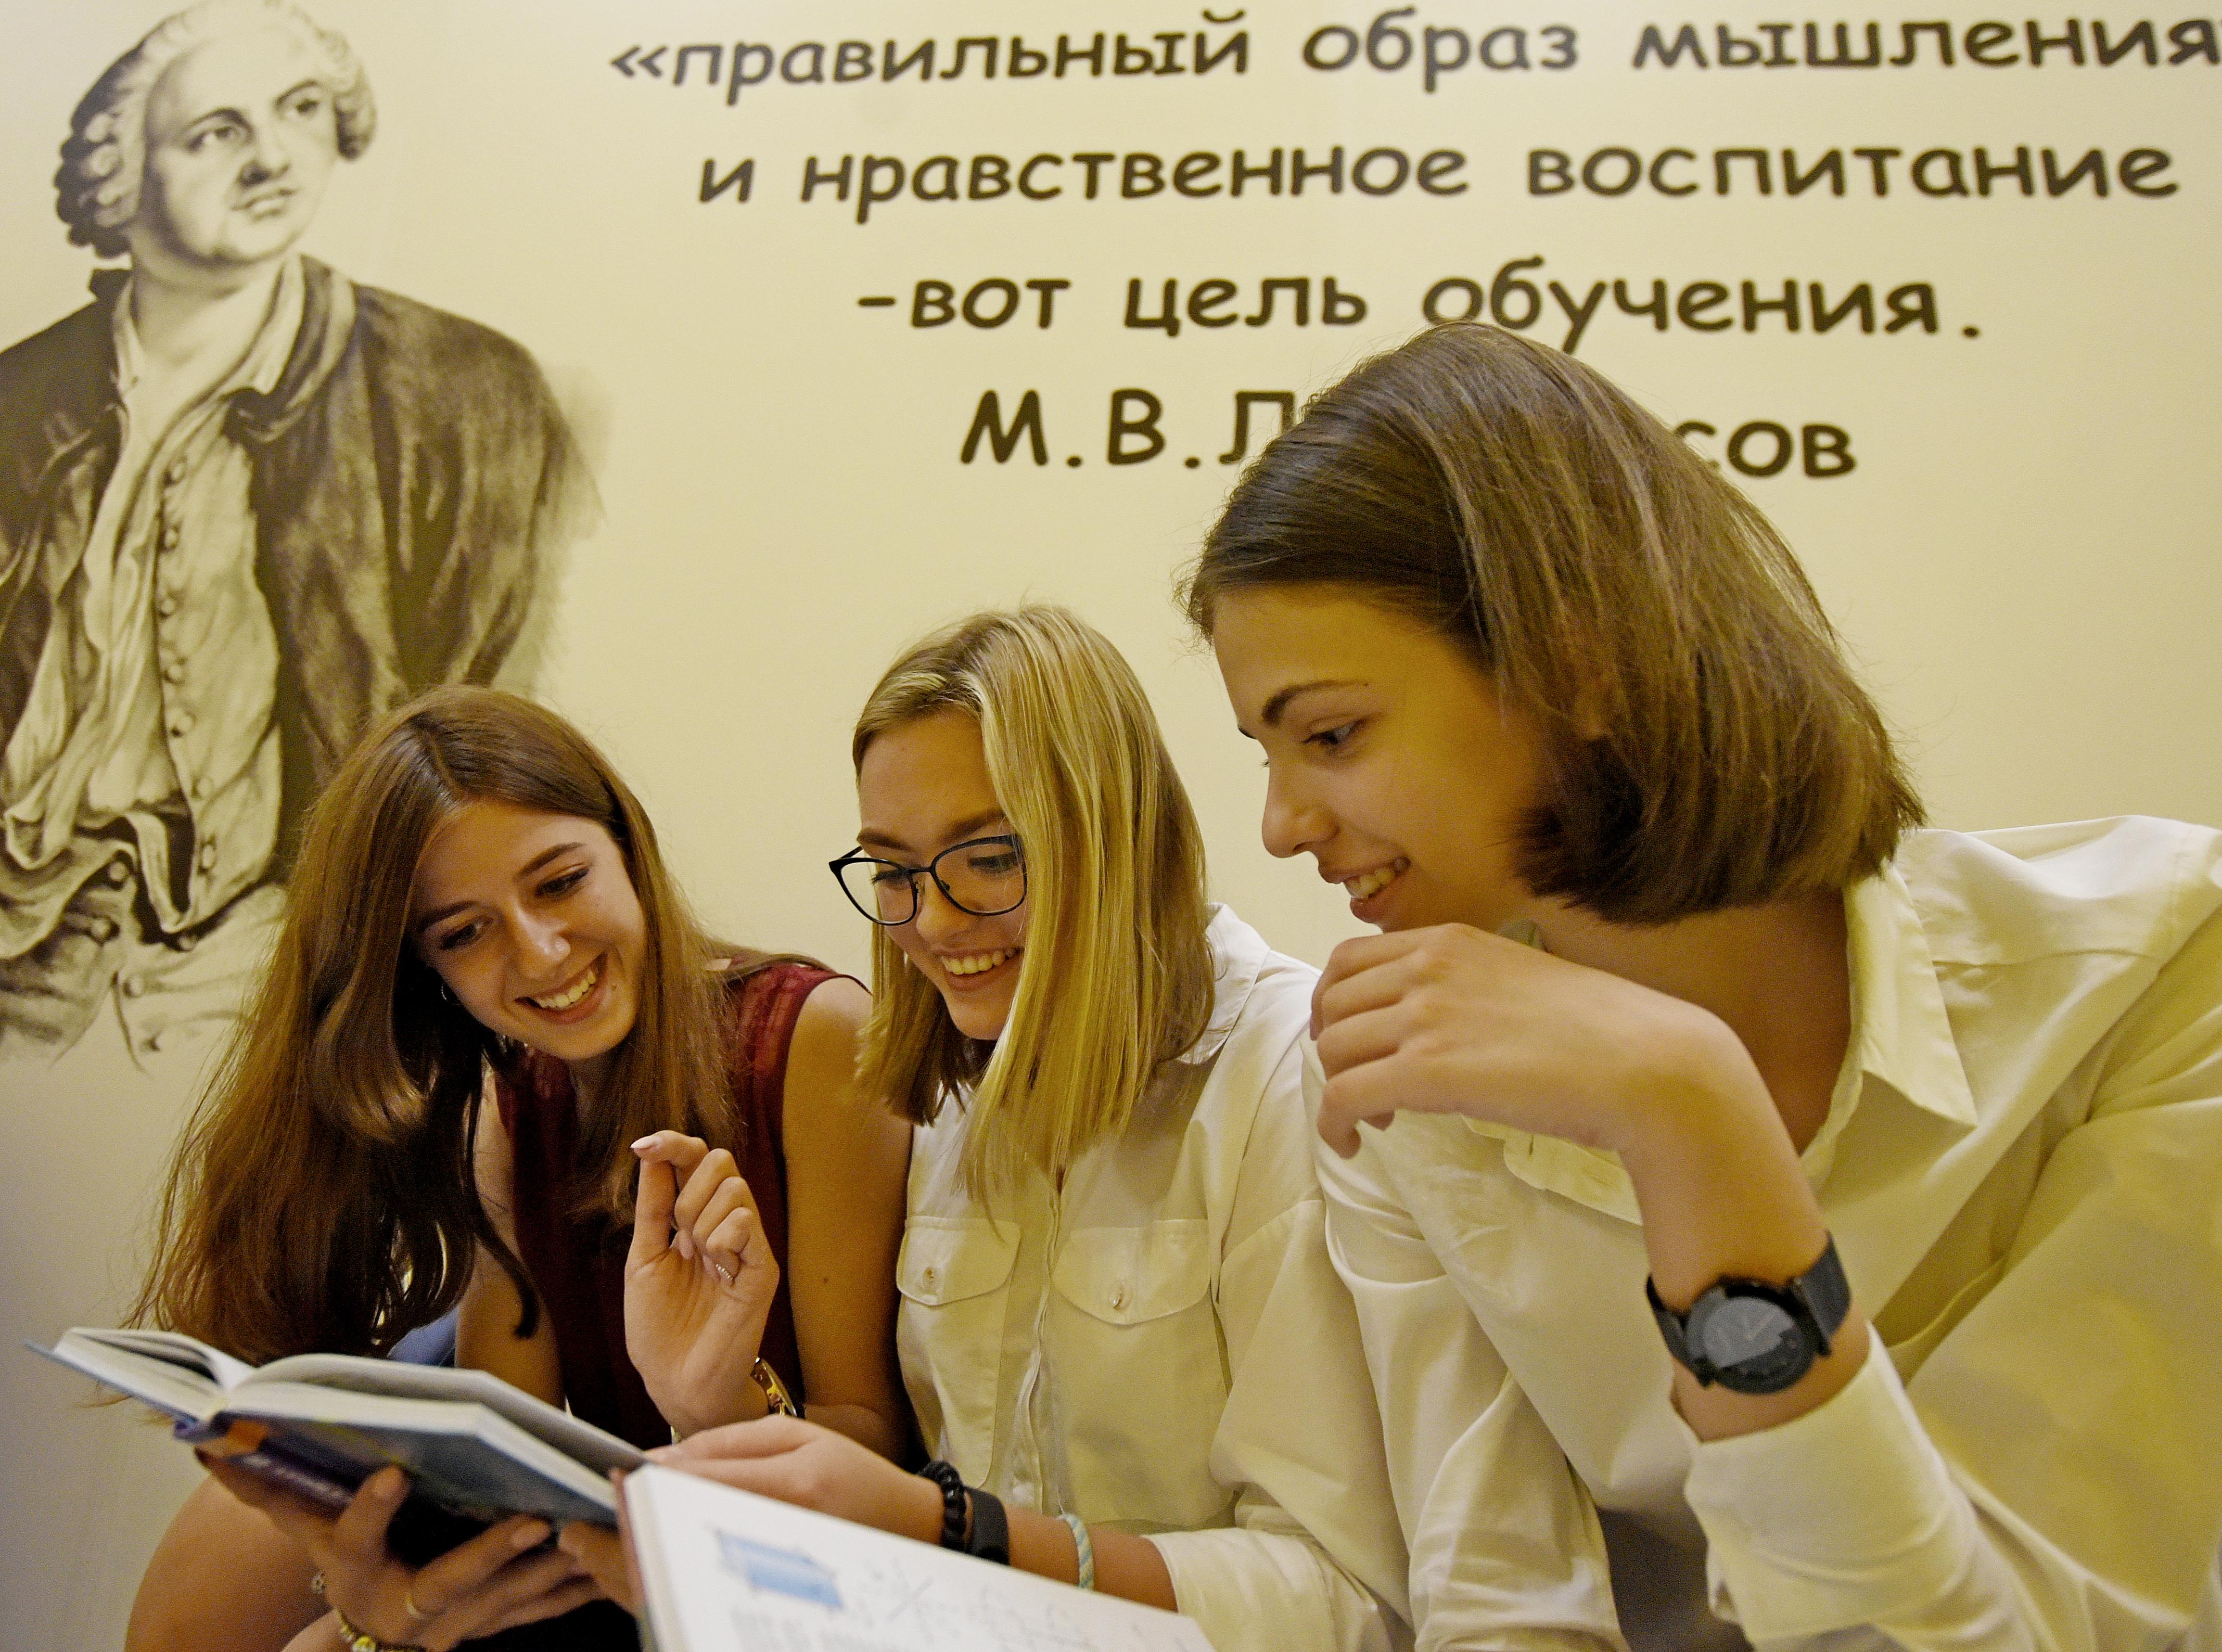 В честь знаменательной даты организовали флешмобы и конкурсы. Фото: Александр Кожохин, «Вечерняя Москва»